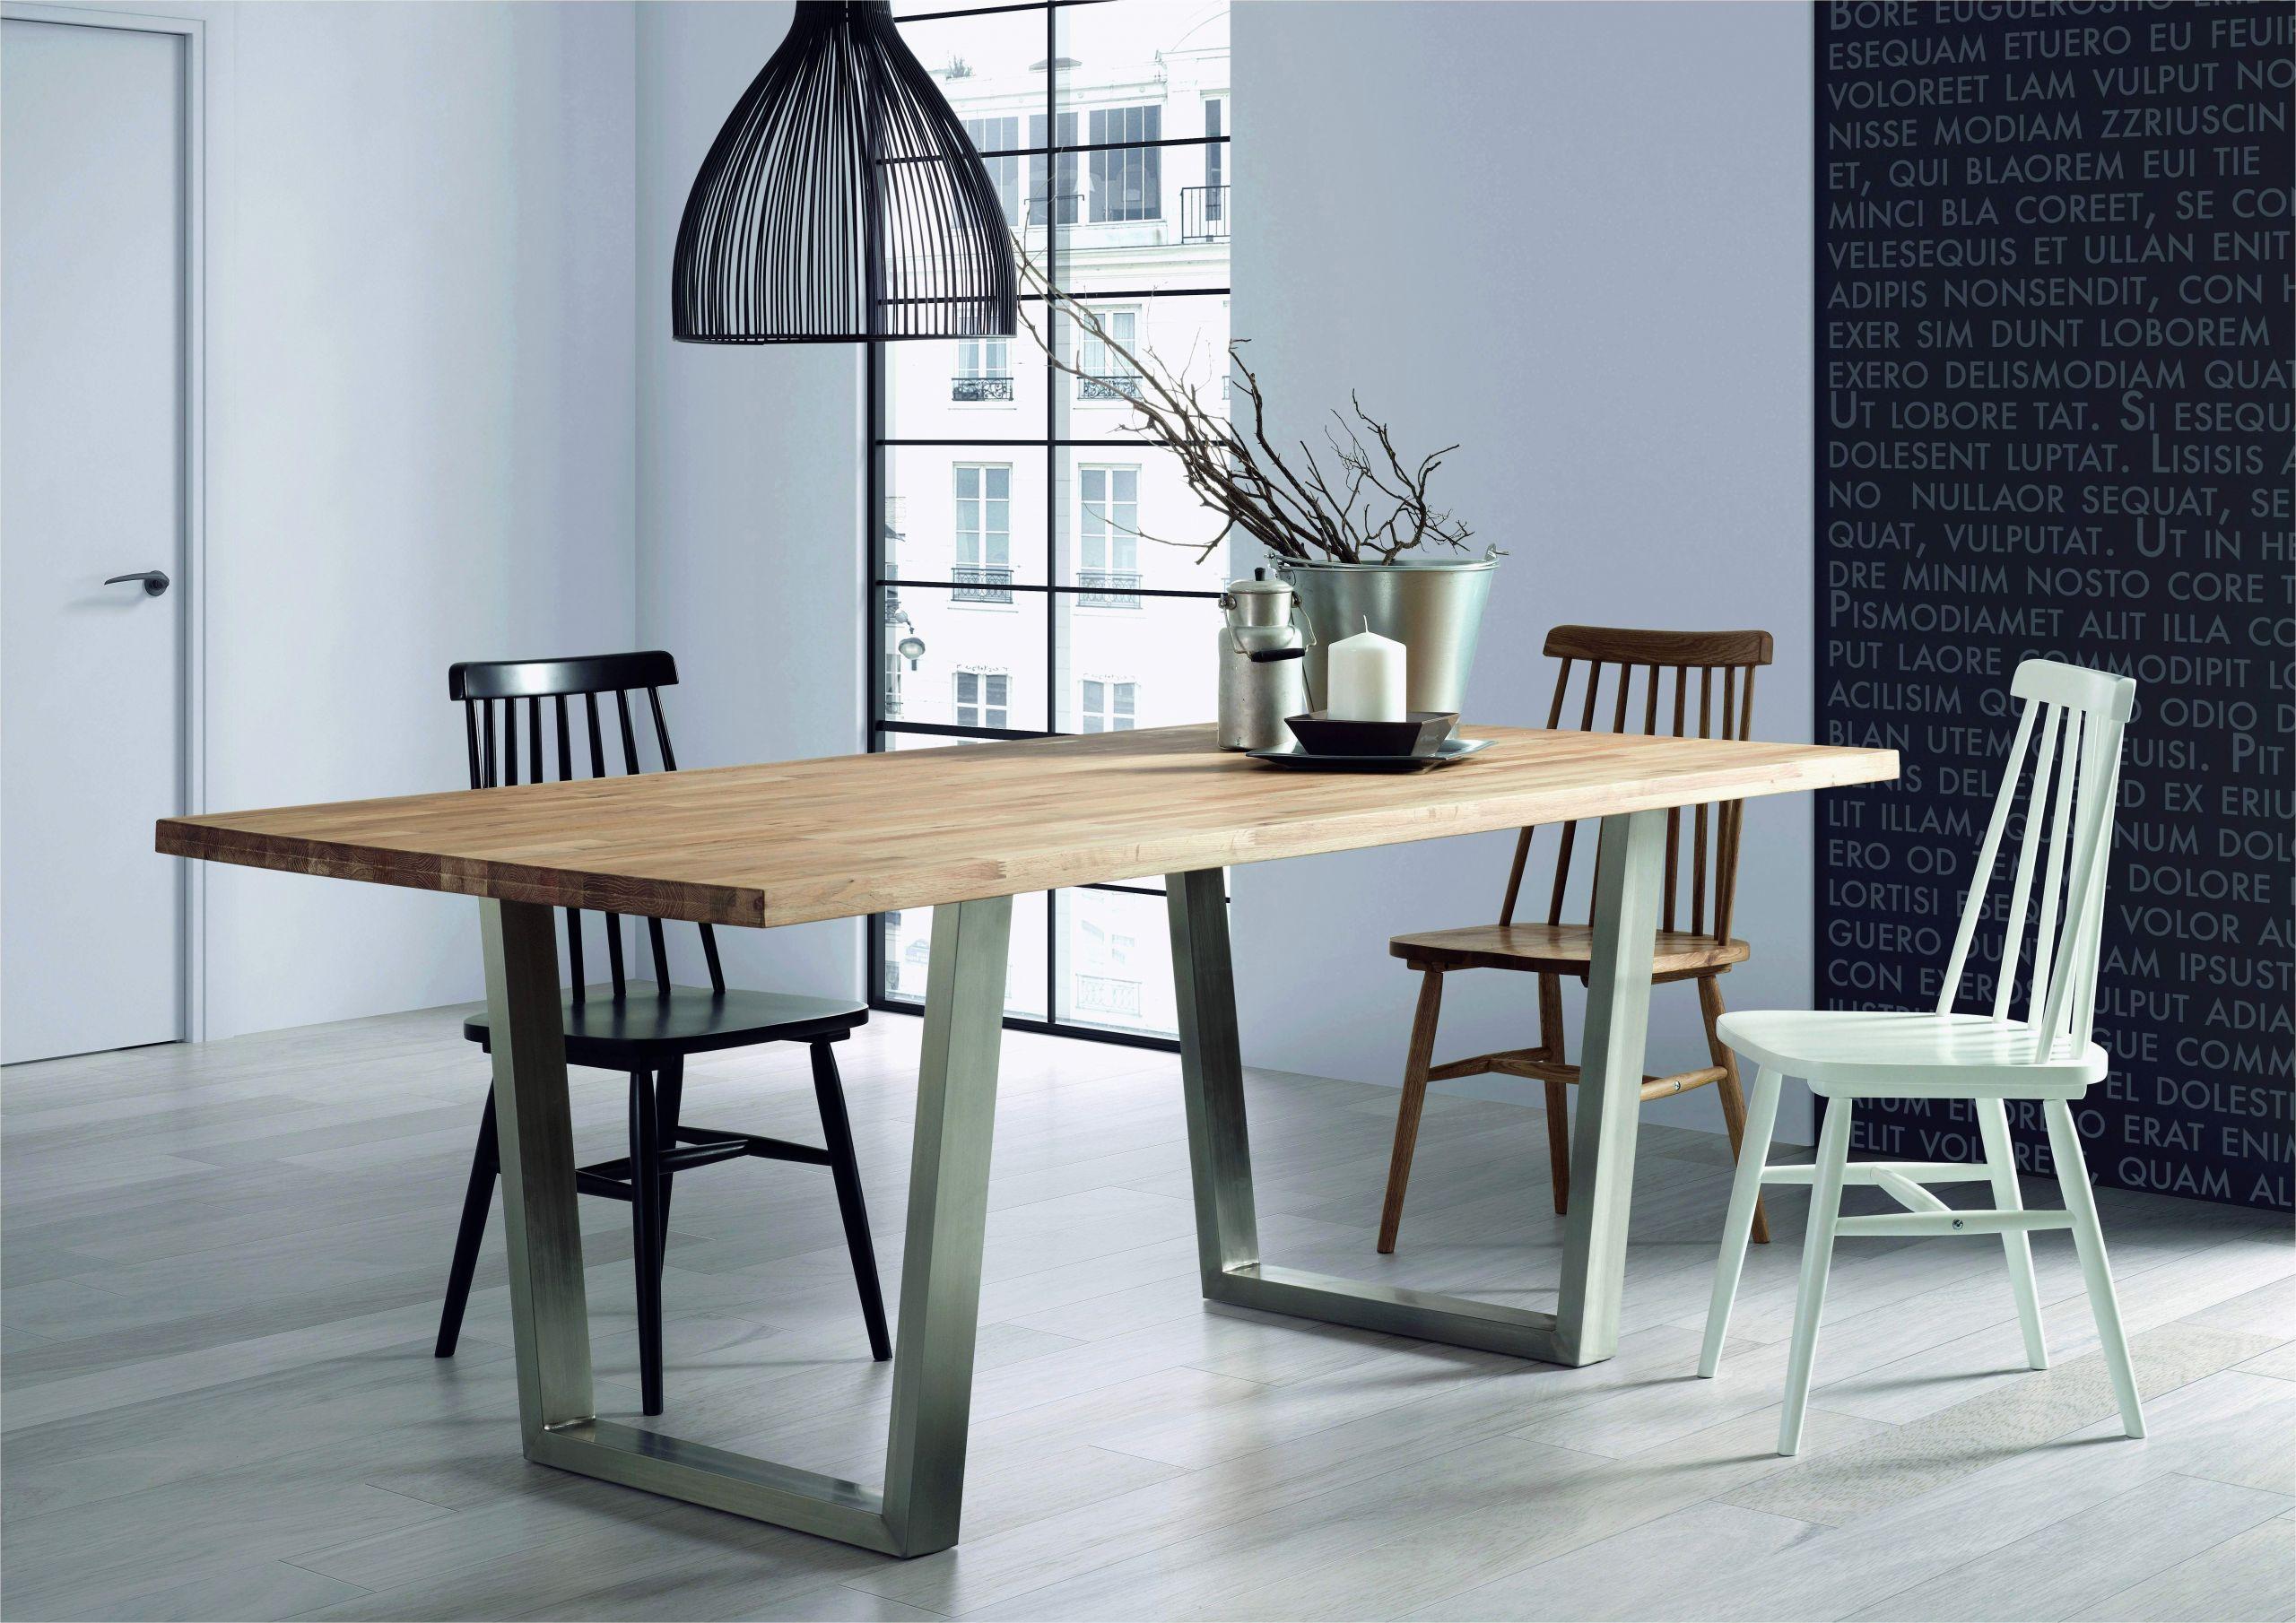 table jardin alinea frais table pliante alinea beau alinea salon de jardin inspirant table of table jardin alinea